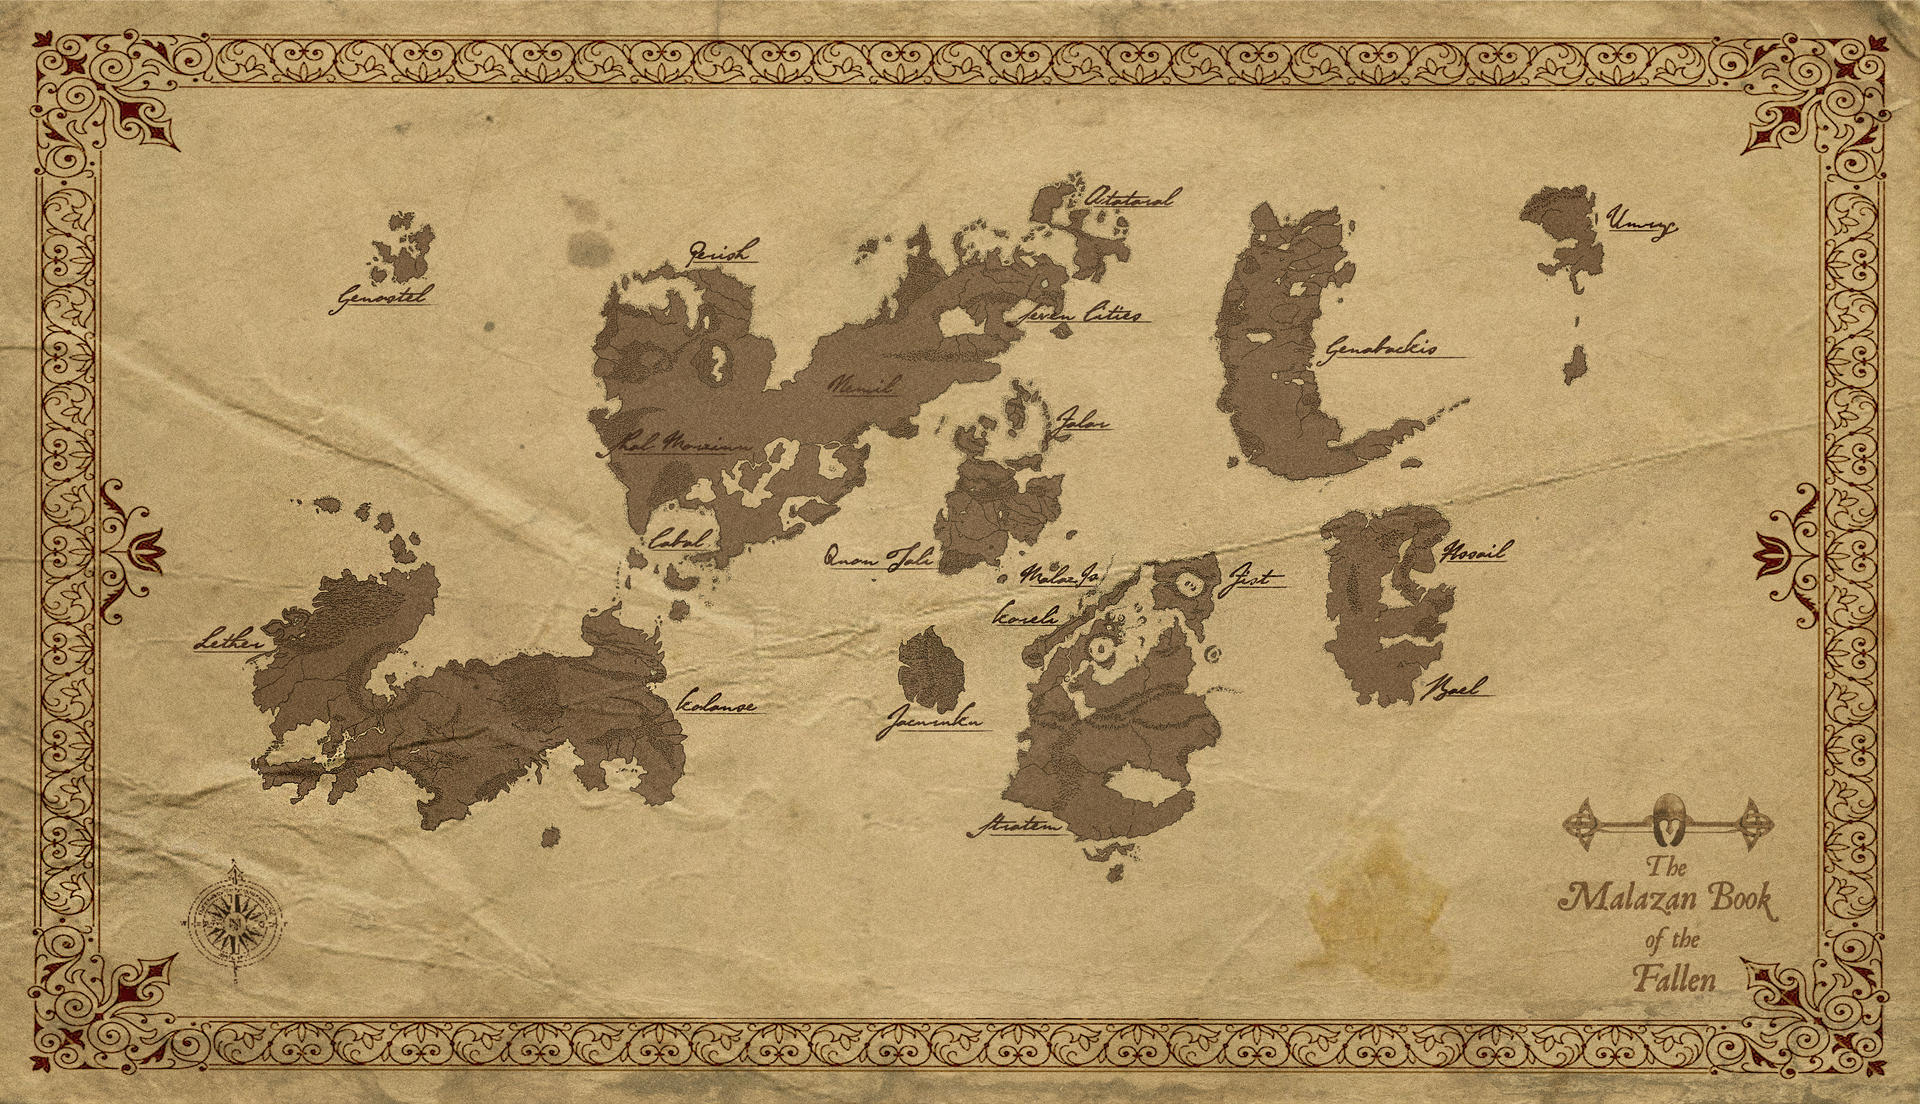 Malazan World Map